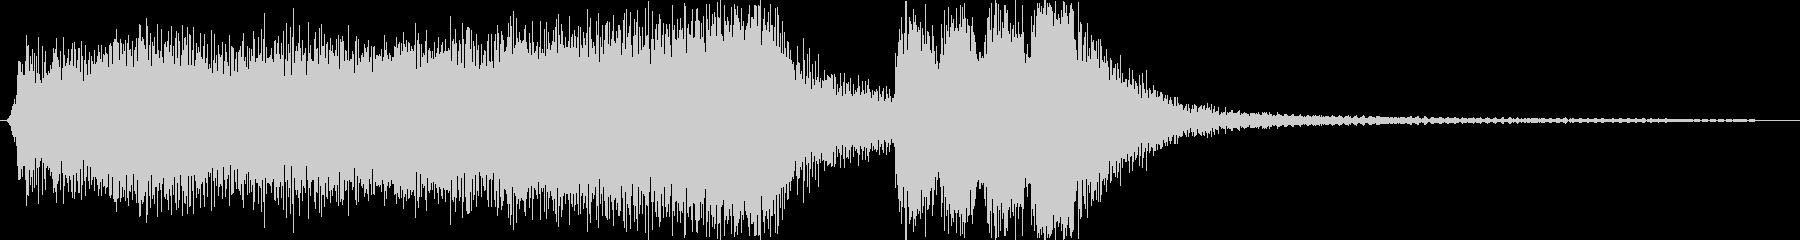 様式美的な結果発表用のジングルの未再生の波形